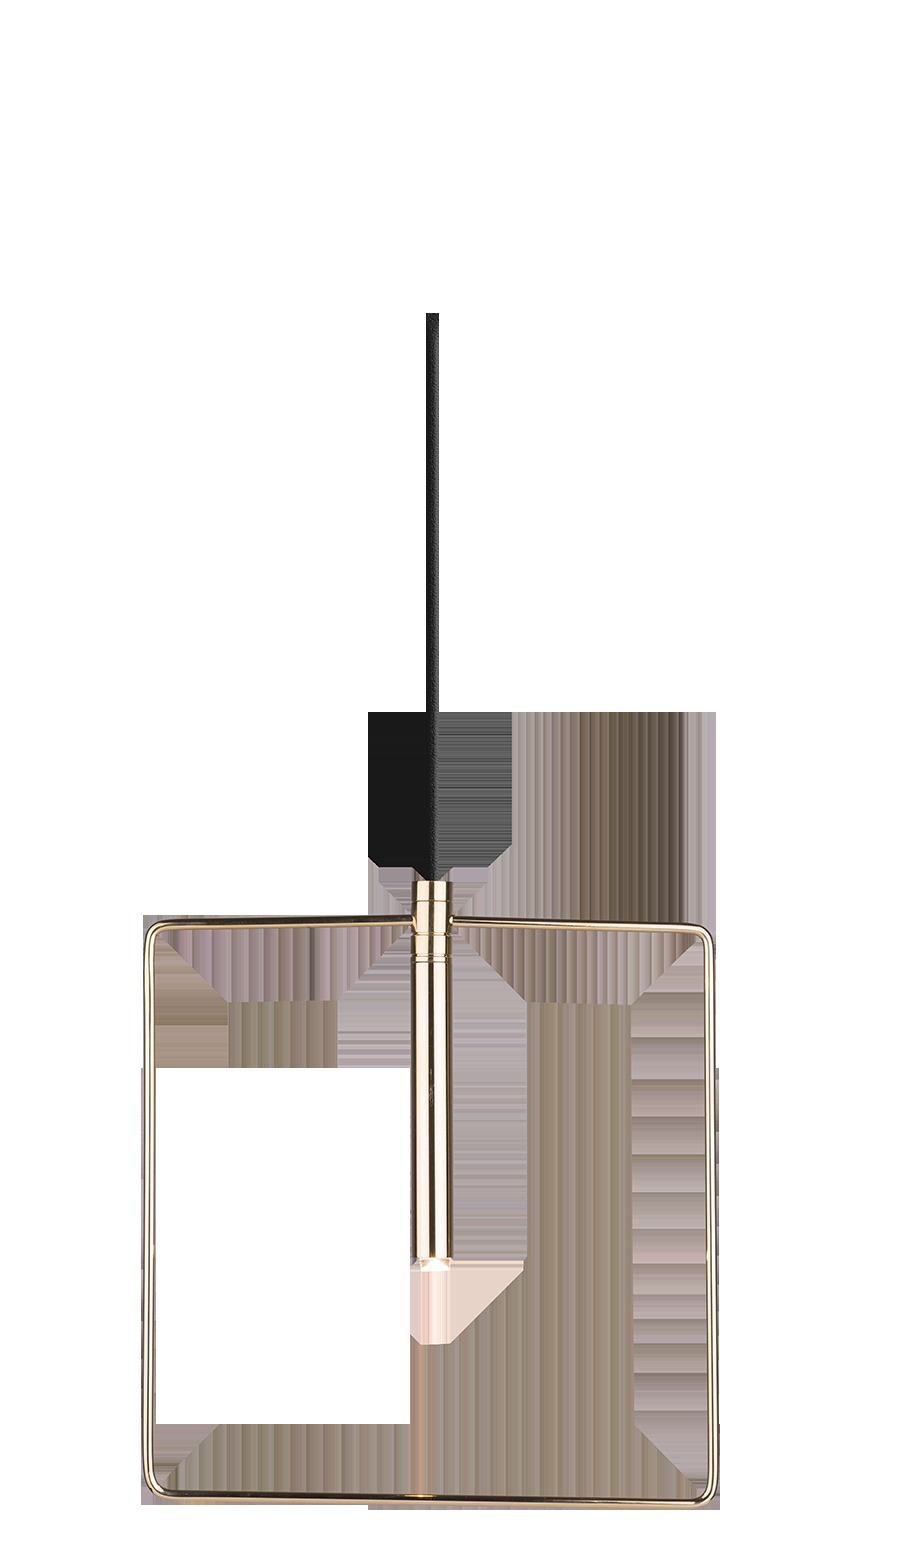 Lampa wisząca Faro 1 Złoty 0544 - Amplex // Rabaty w koszyku i darmowa dostawa od 299zł !